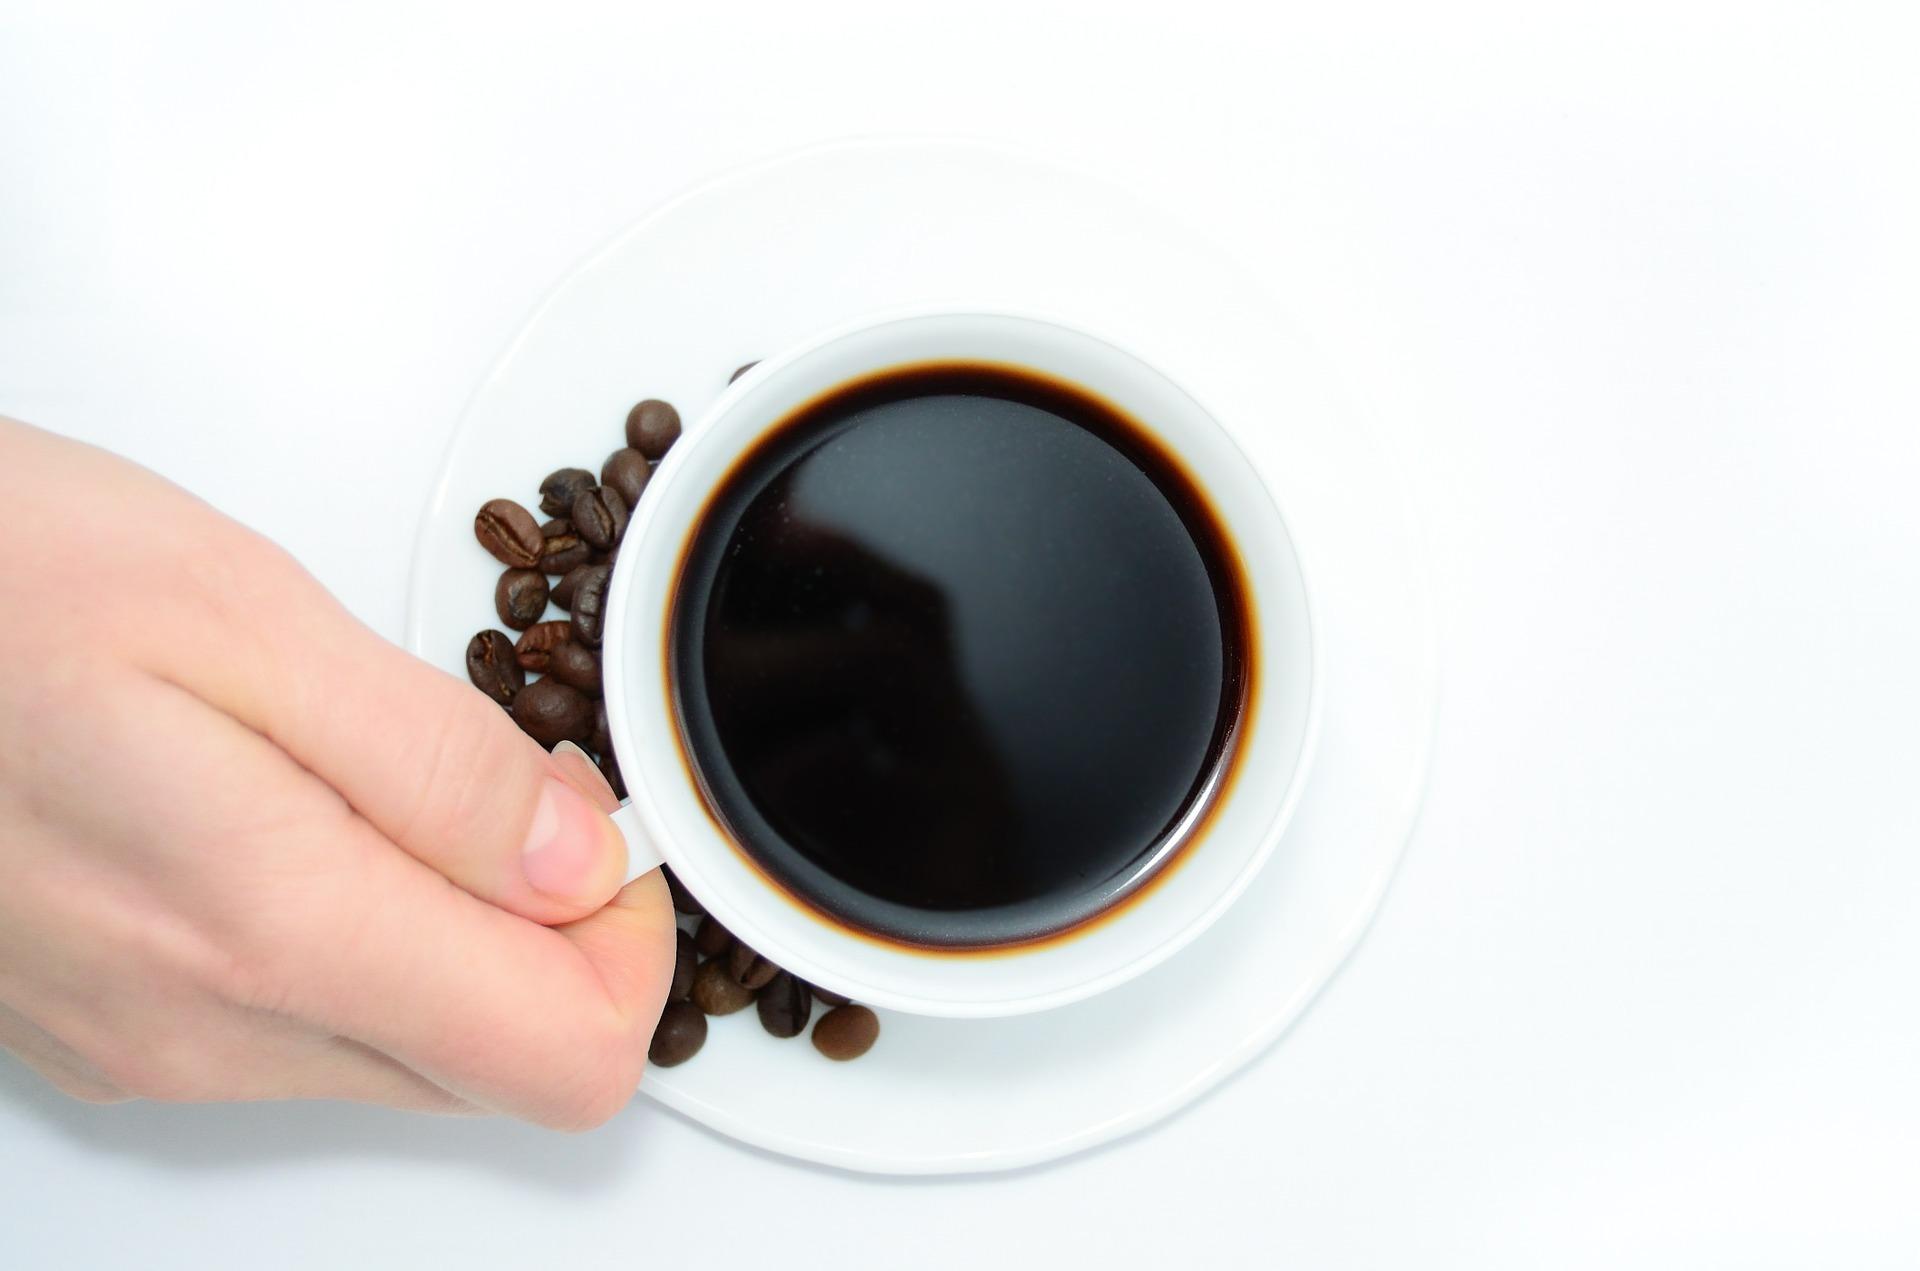 Kaffeemaschine auf ratgeber-blogger.de